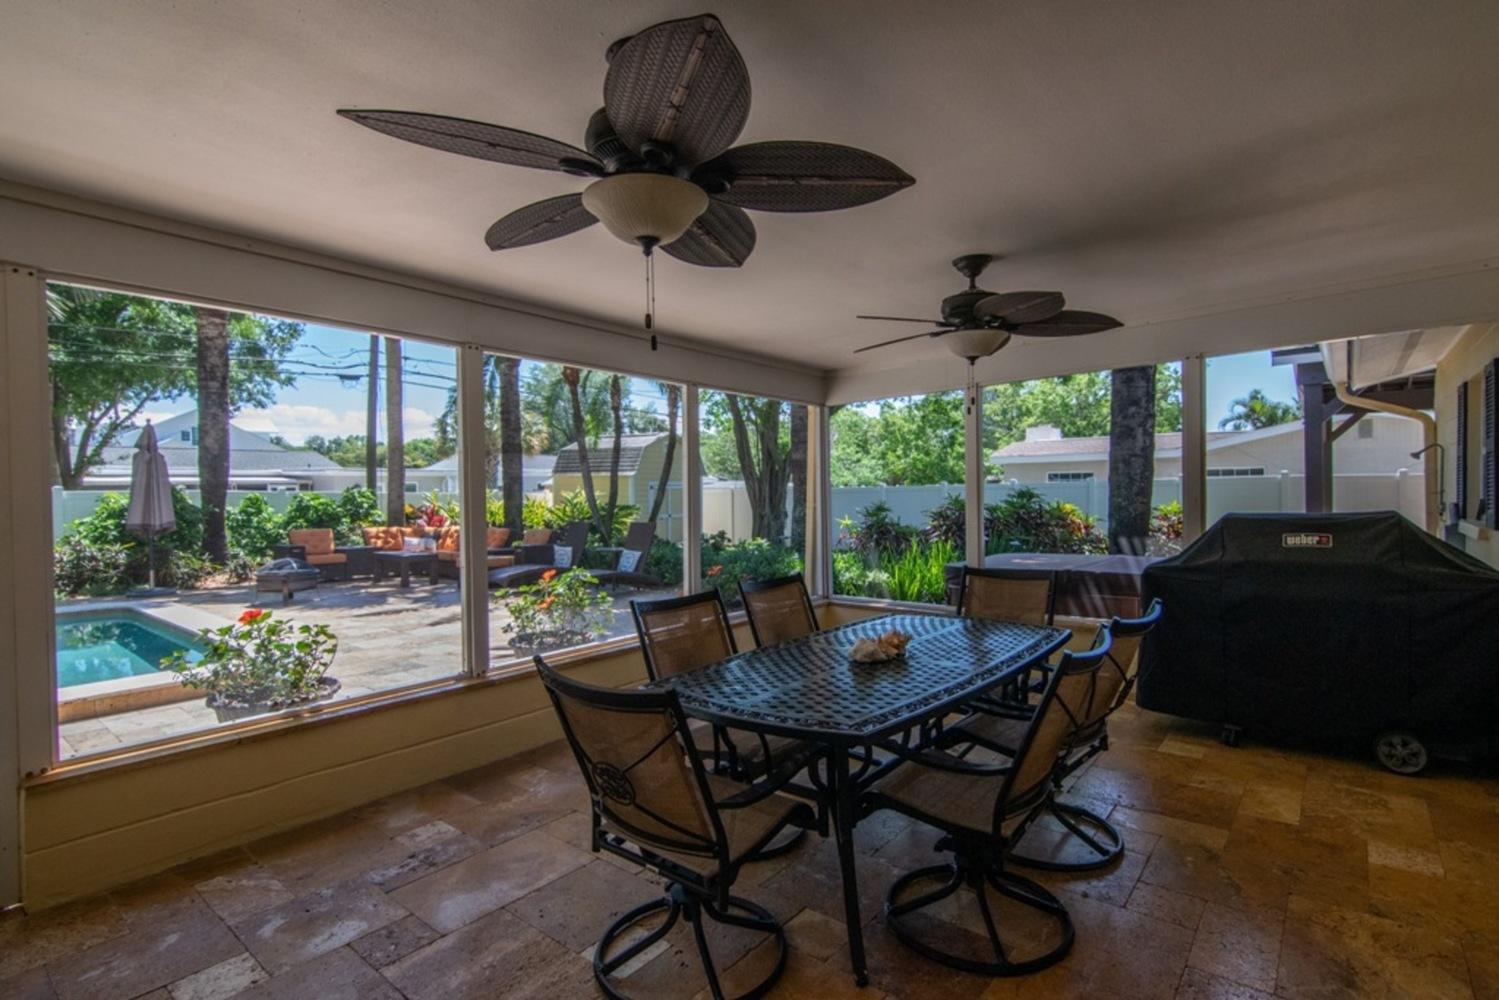 38 patio